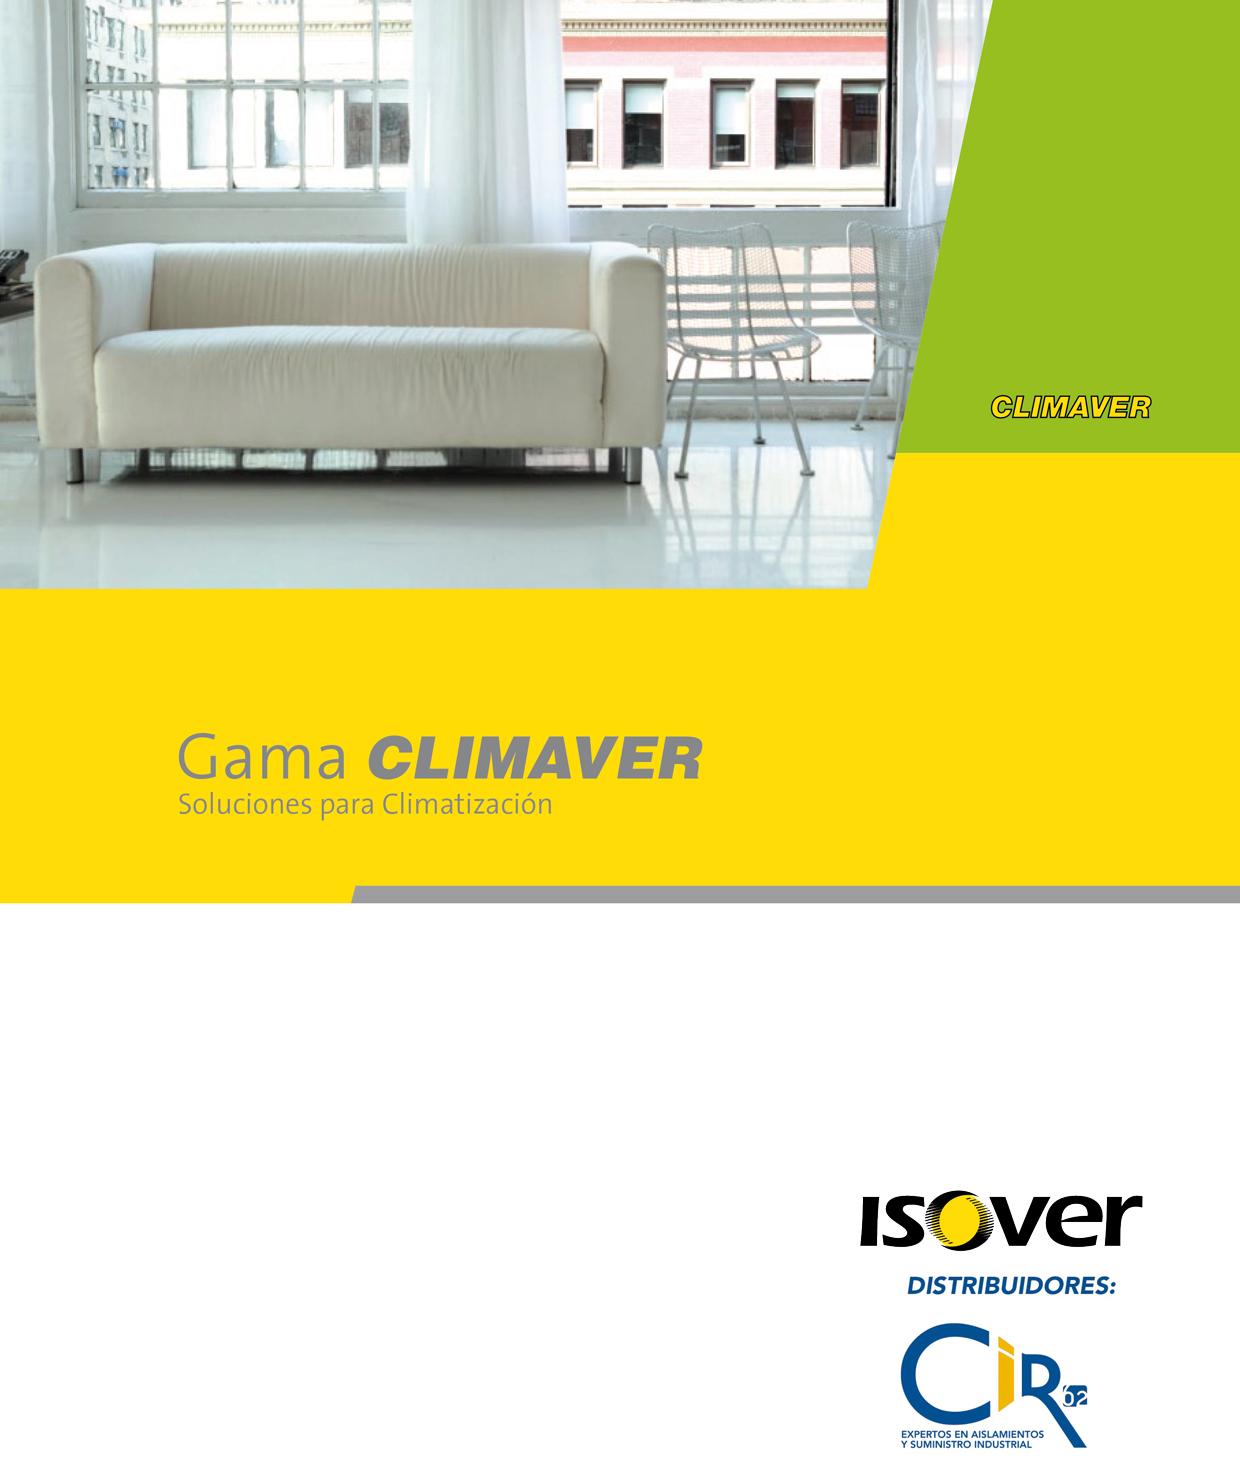 Catalogo-Gama-Climaver-potada-sellada.jp